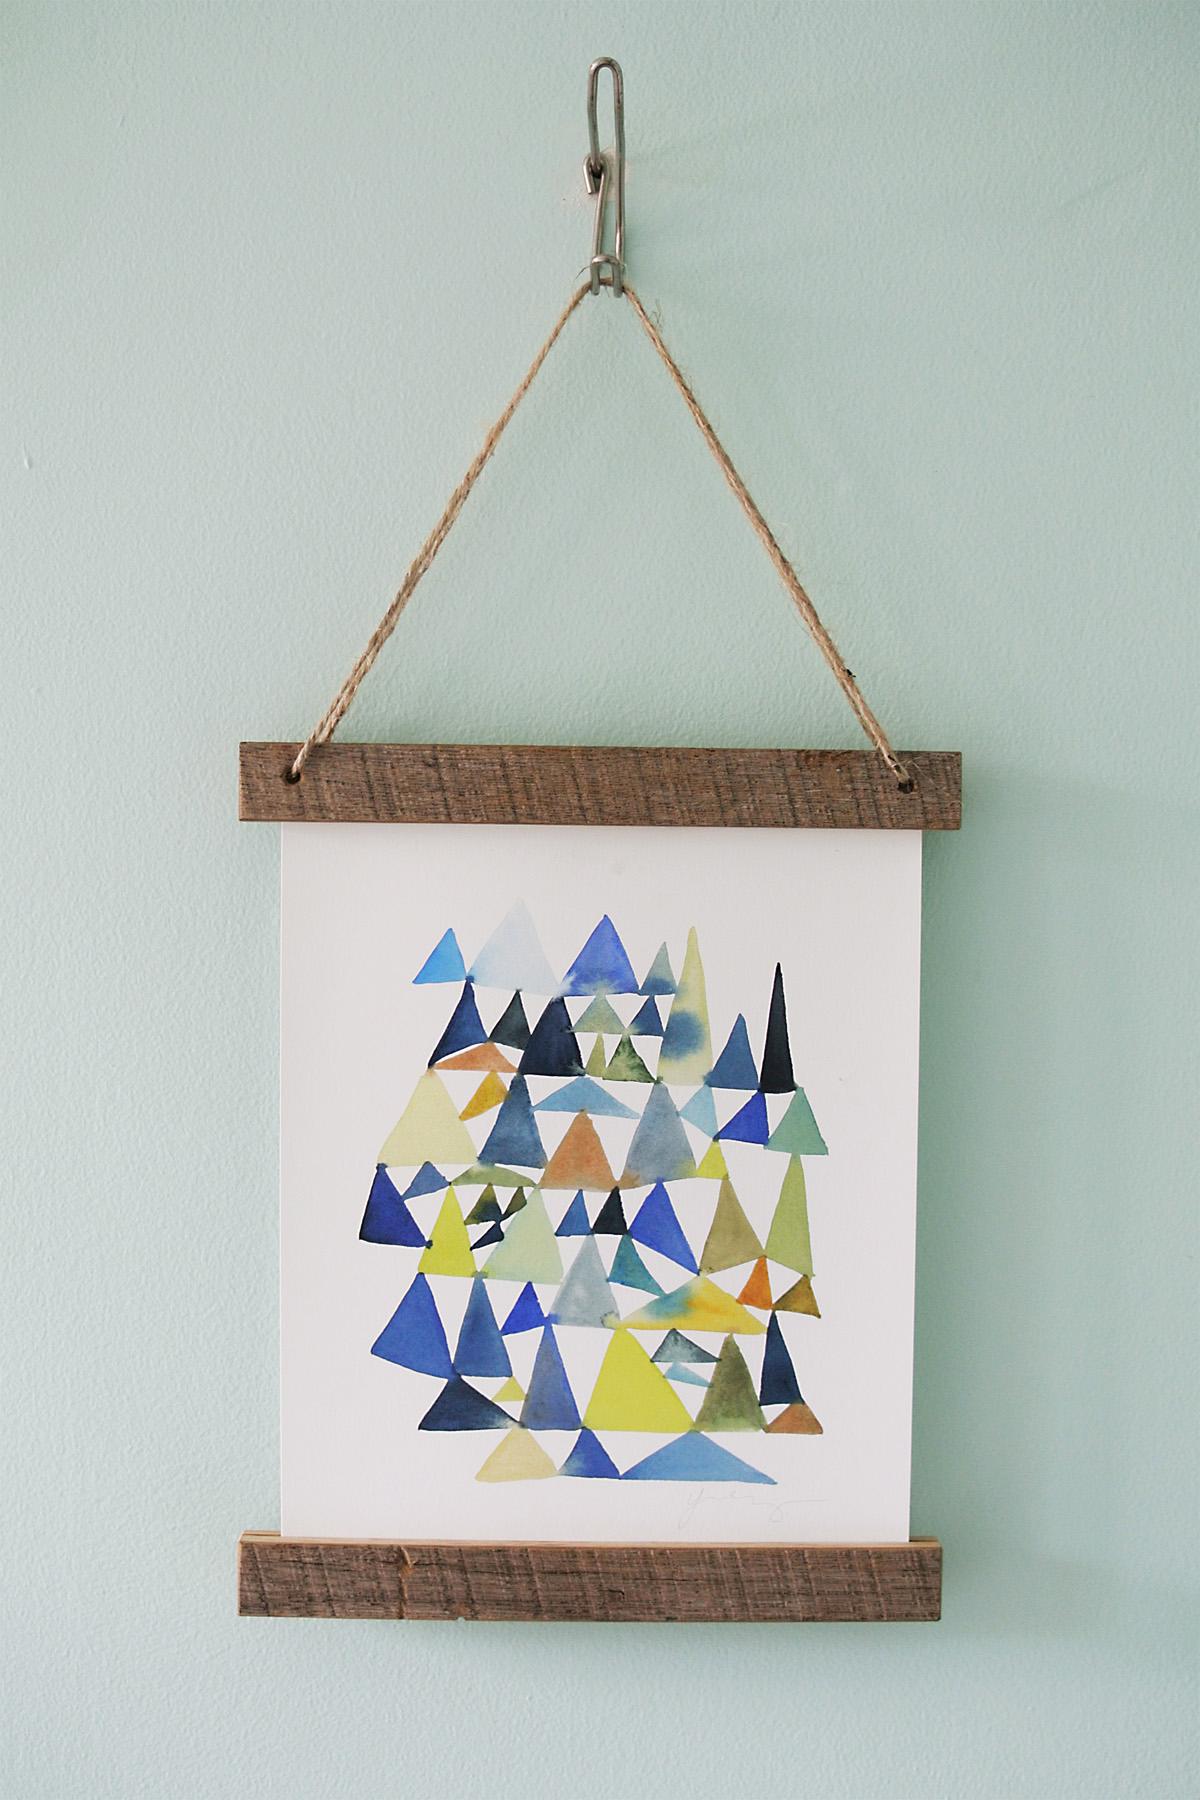 DIY Wooden Slat Hanging Frame